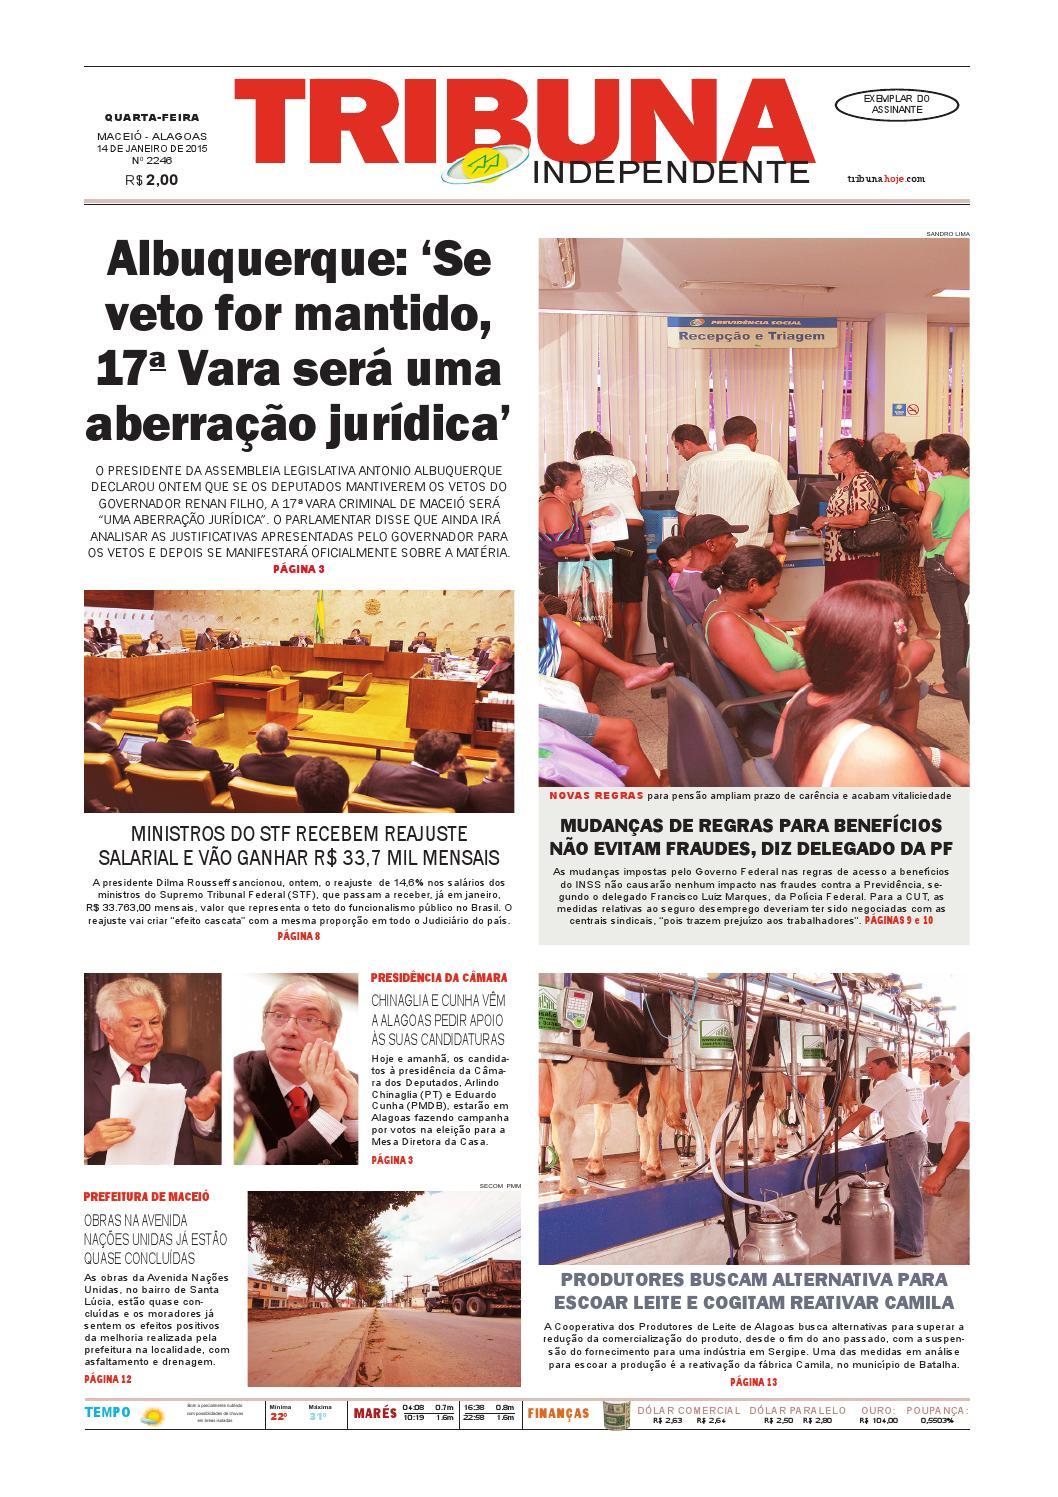 653a3a698c8 Edição número 2246 - 14 de janeiro de 2015 by Tribuna Hoje - issuu